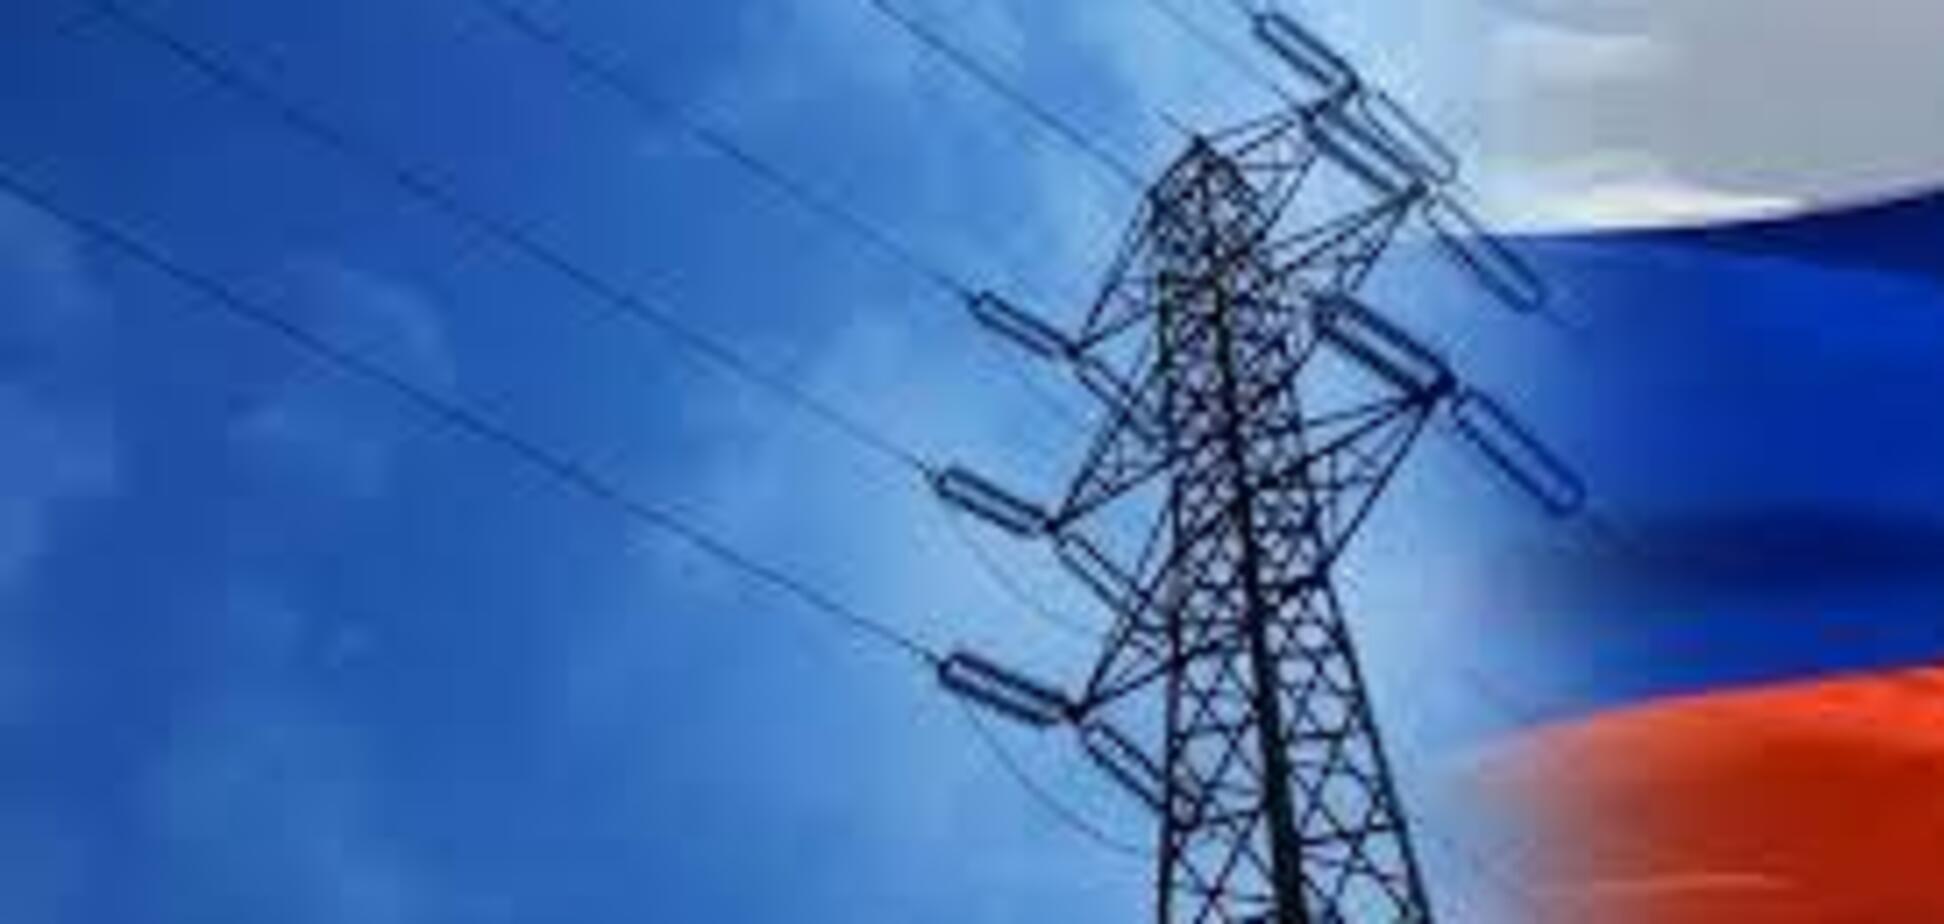 Украина профинансировала Россию на 1 млрд грн из-за желания Пинчука импортировать ток, – политолог